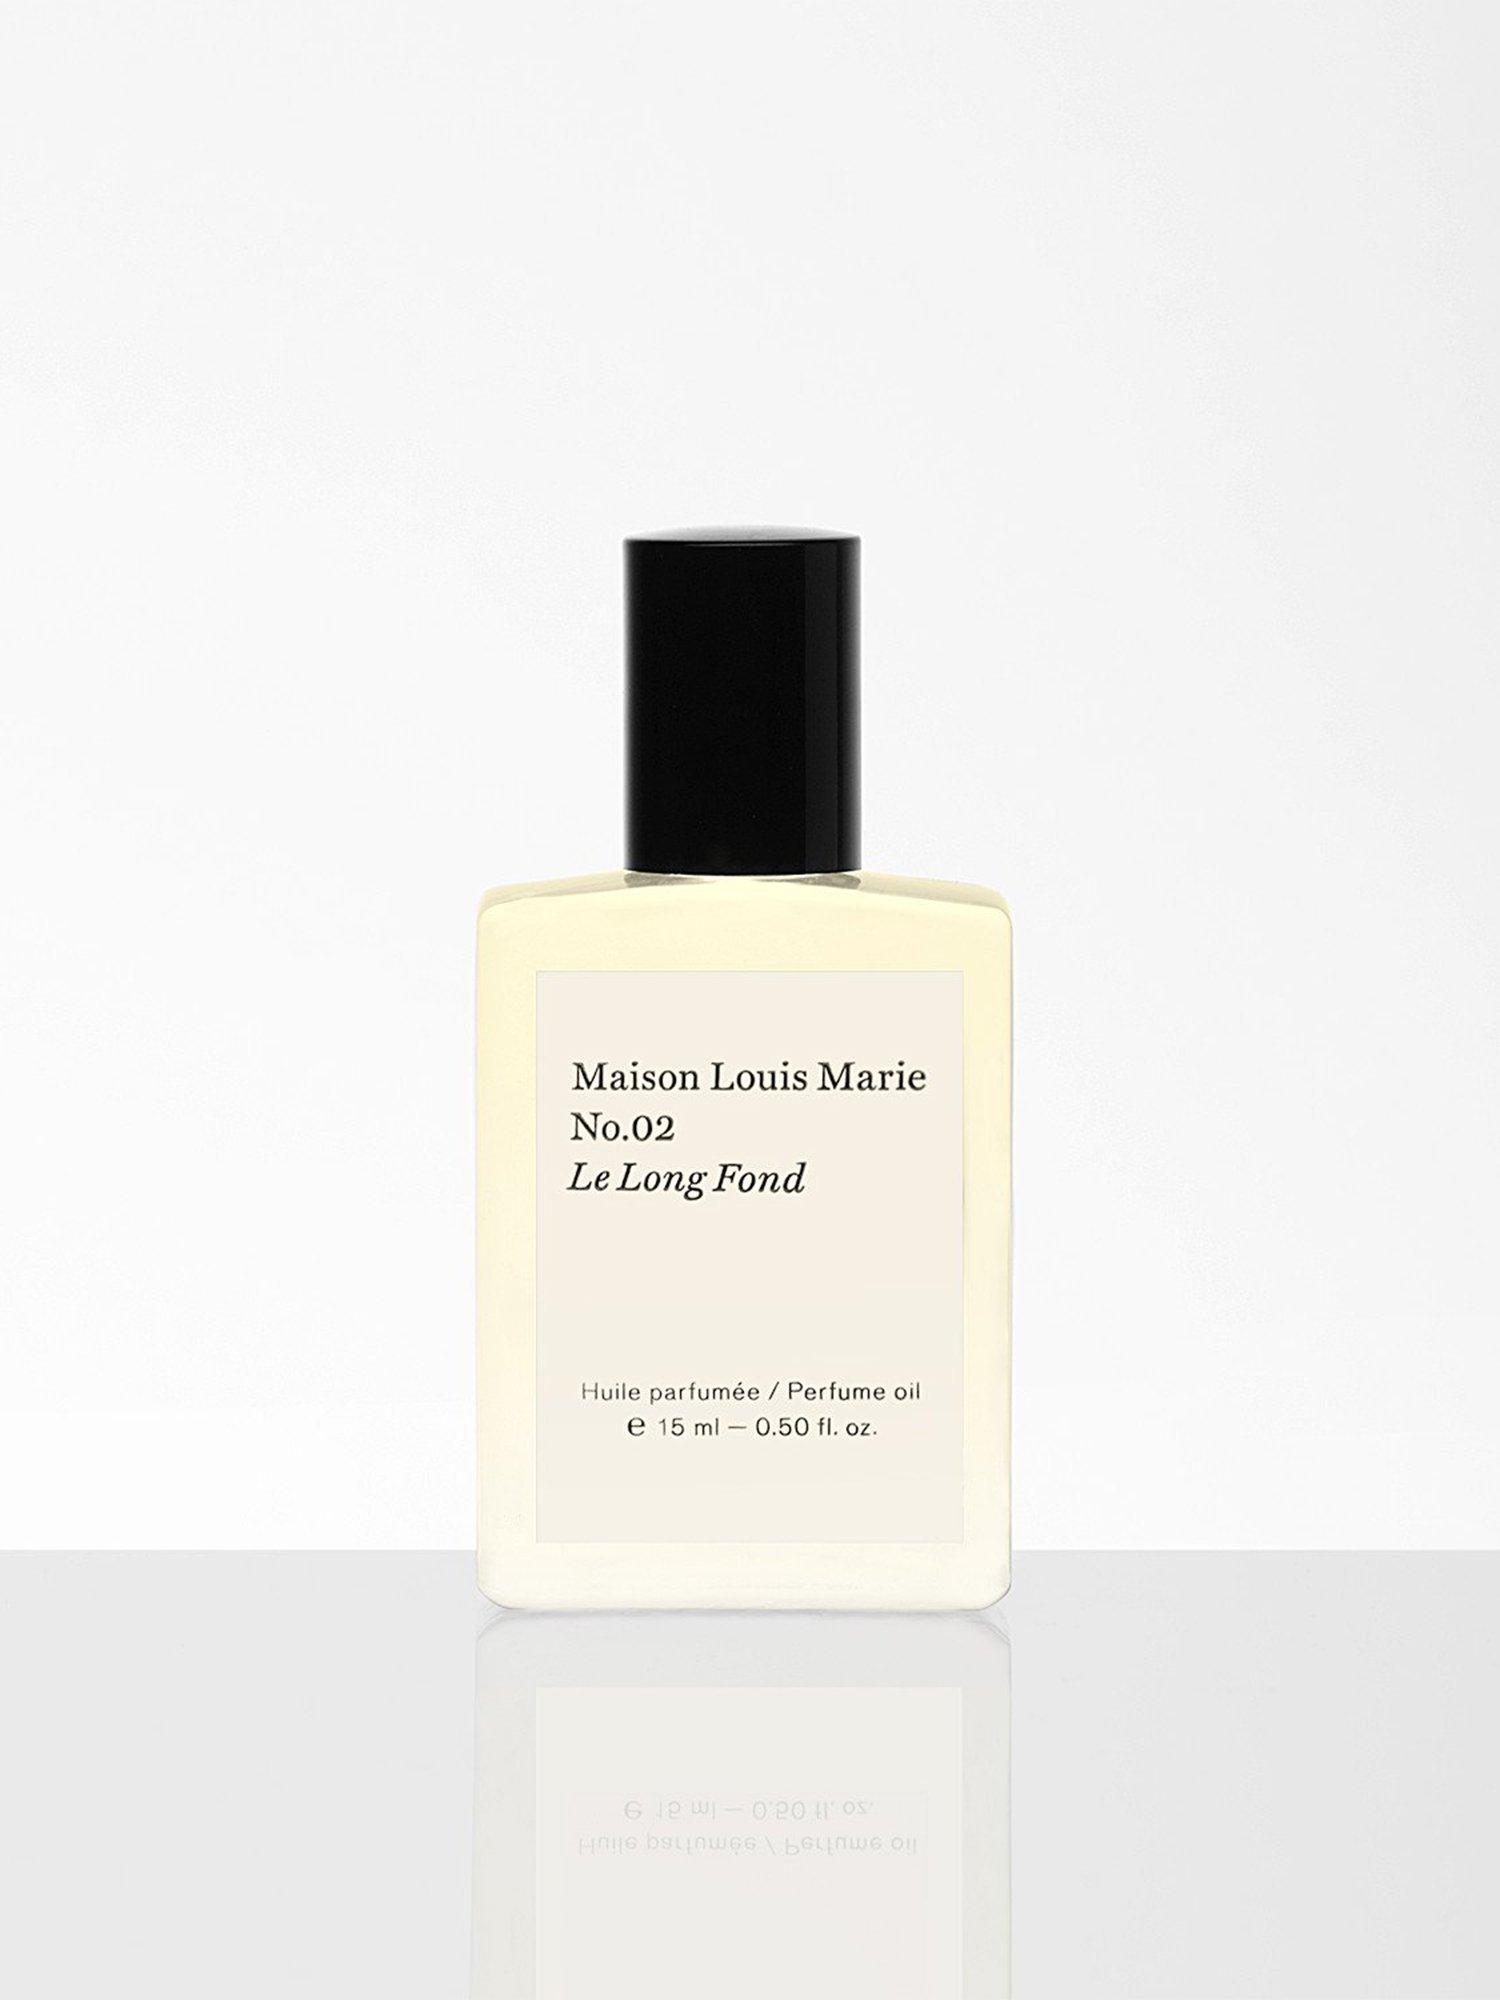 No. 2 Le Long Fond Perfume Oil